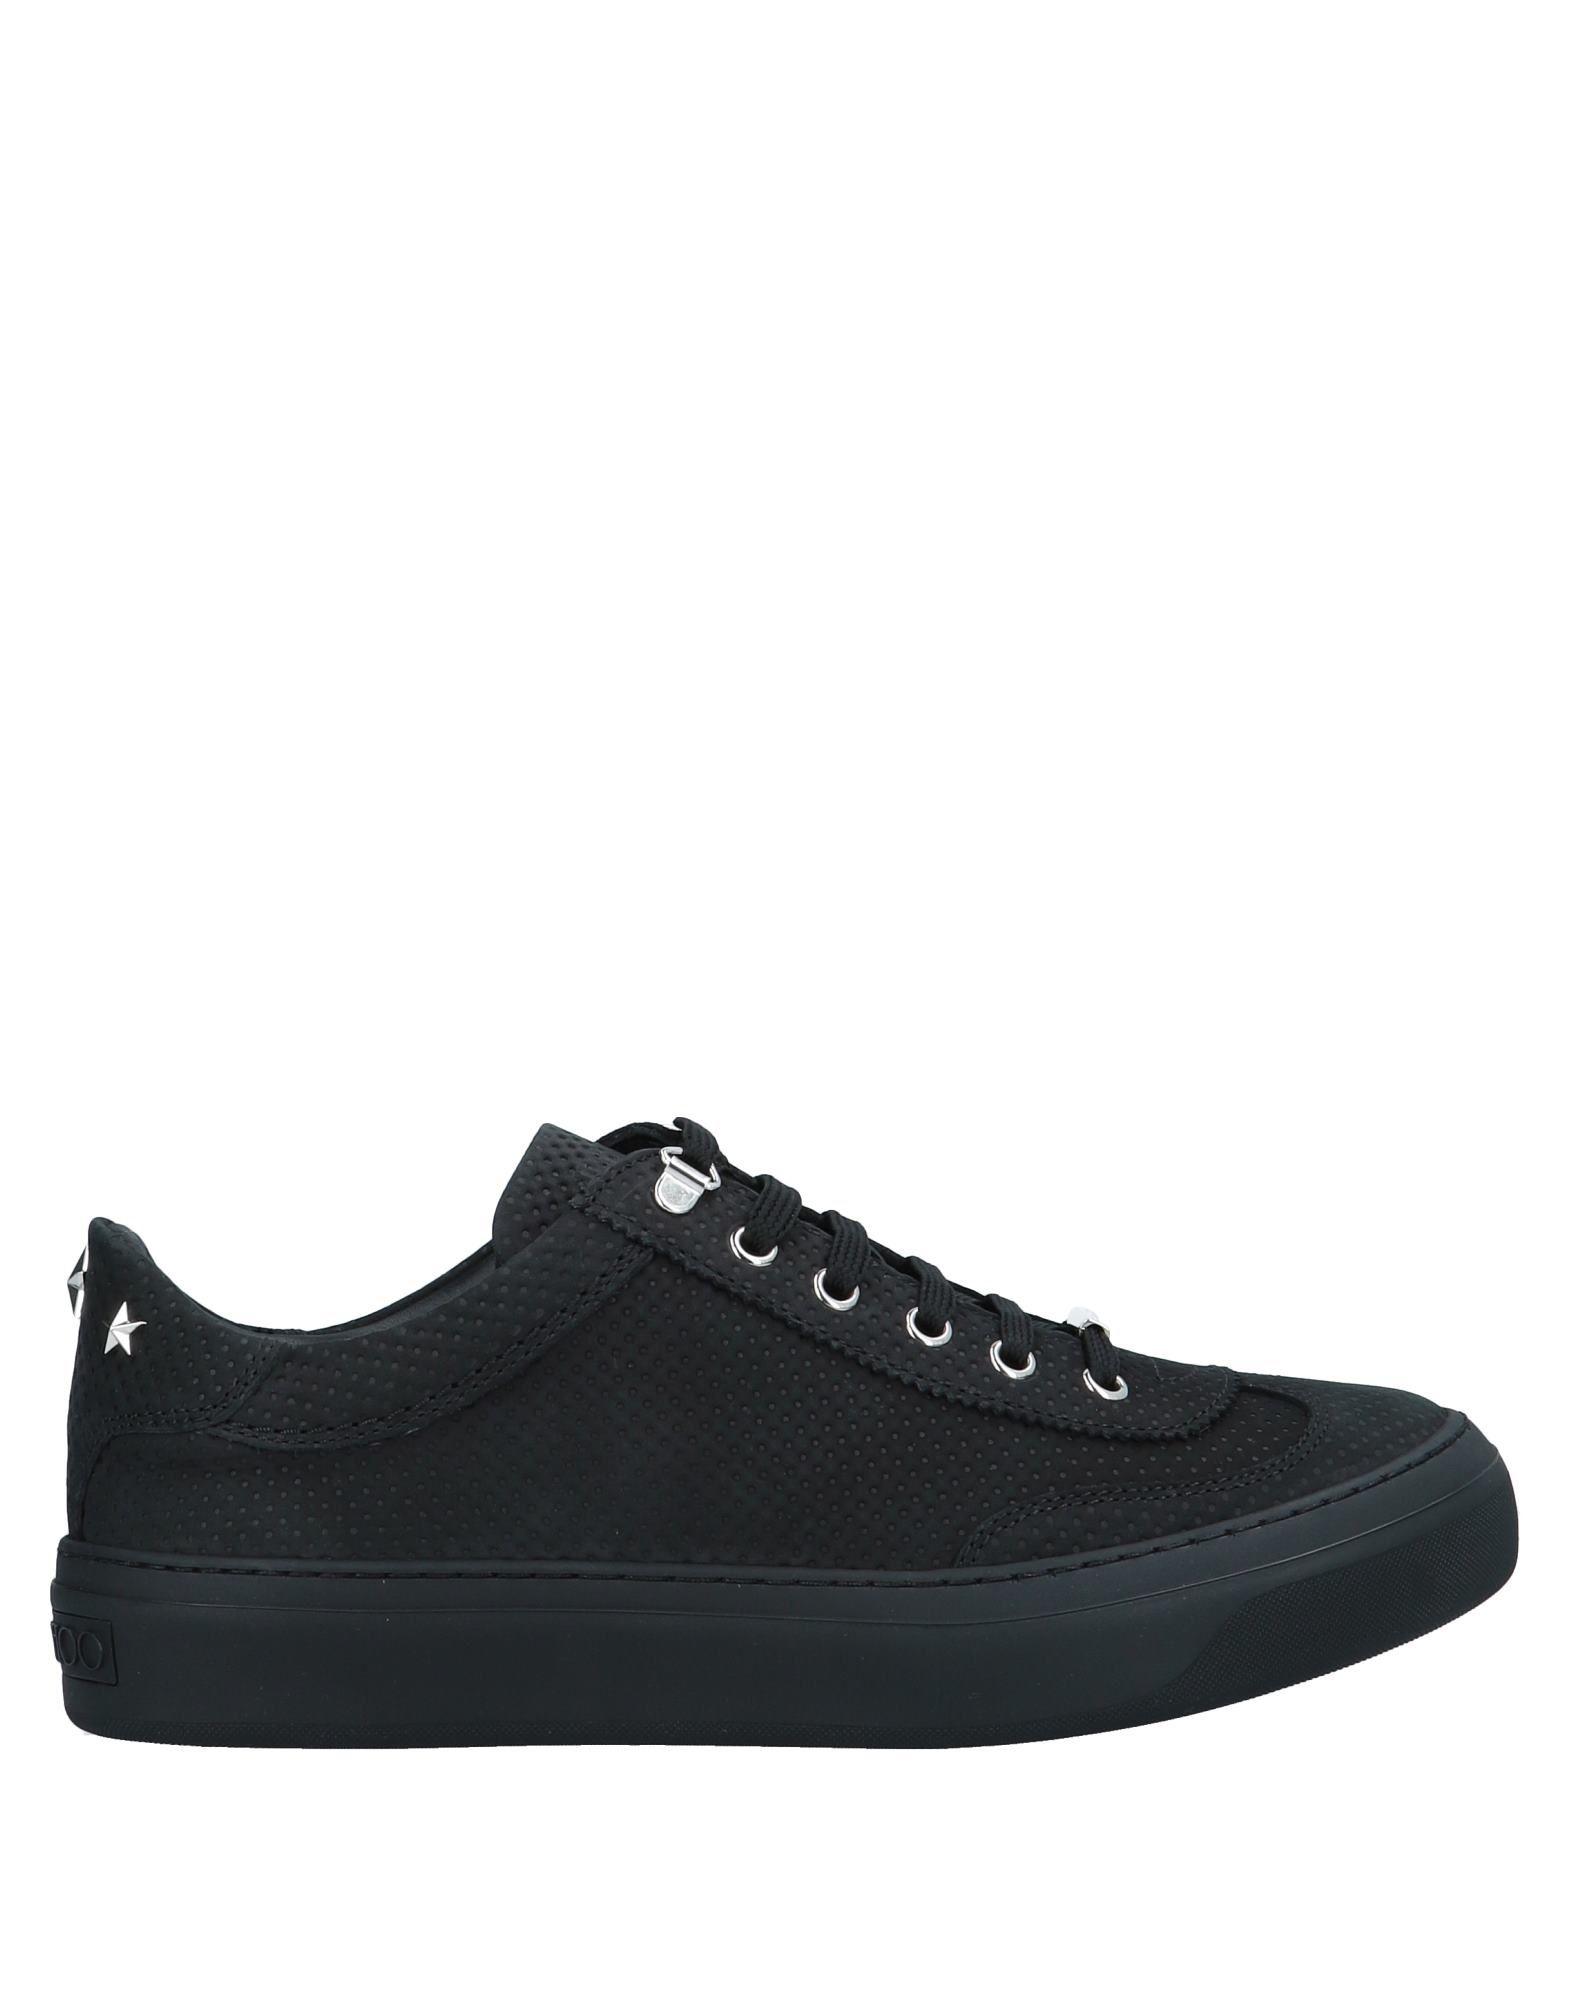 Jimmy Choo Sneakers - Men Jimmy  Choo Sneakers online on  Jimmy United Kingdom - 11580900FC f4064e